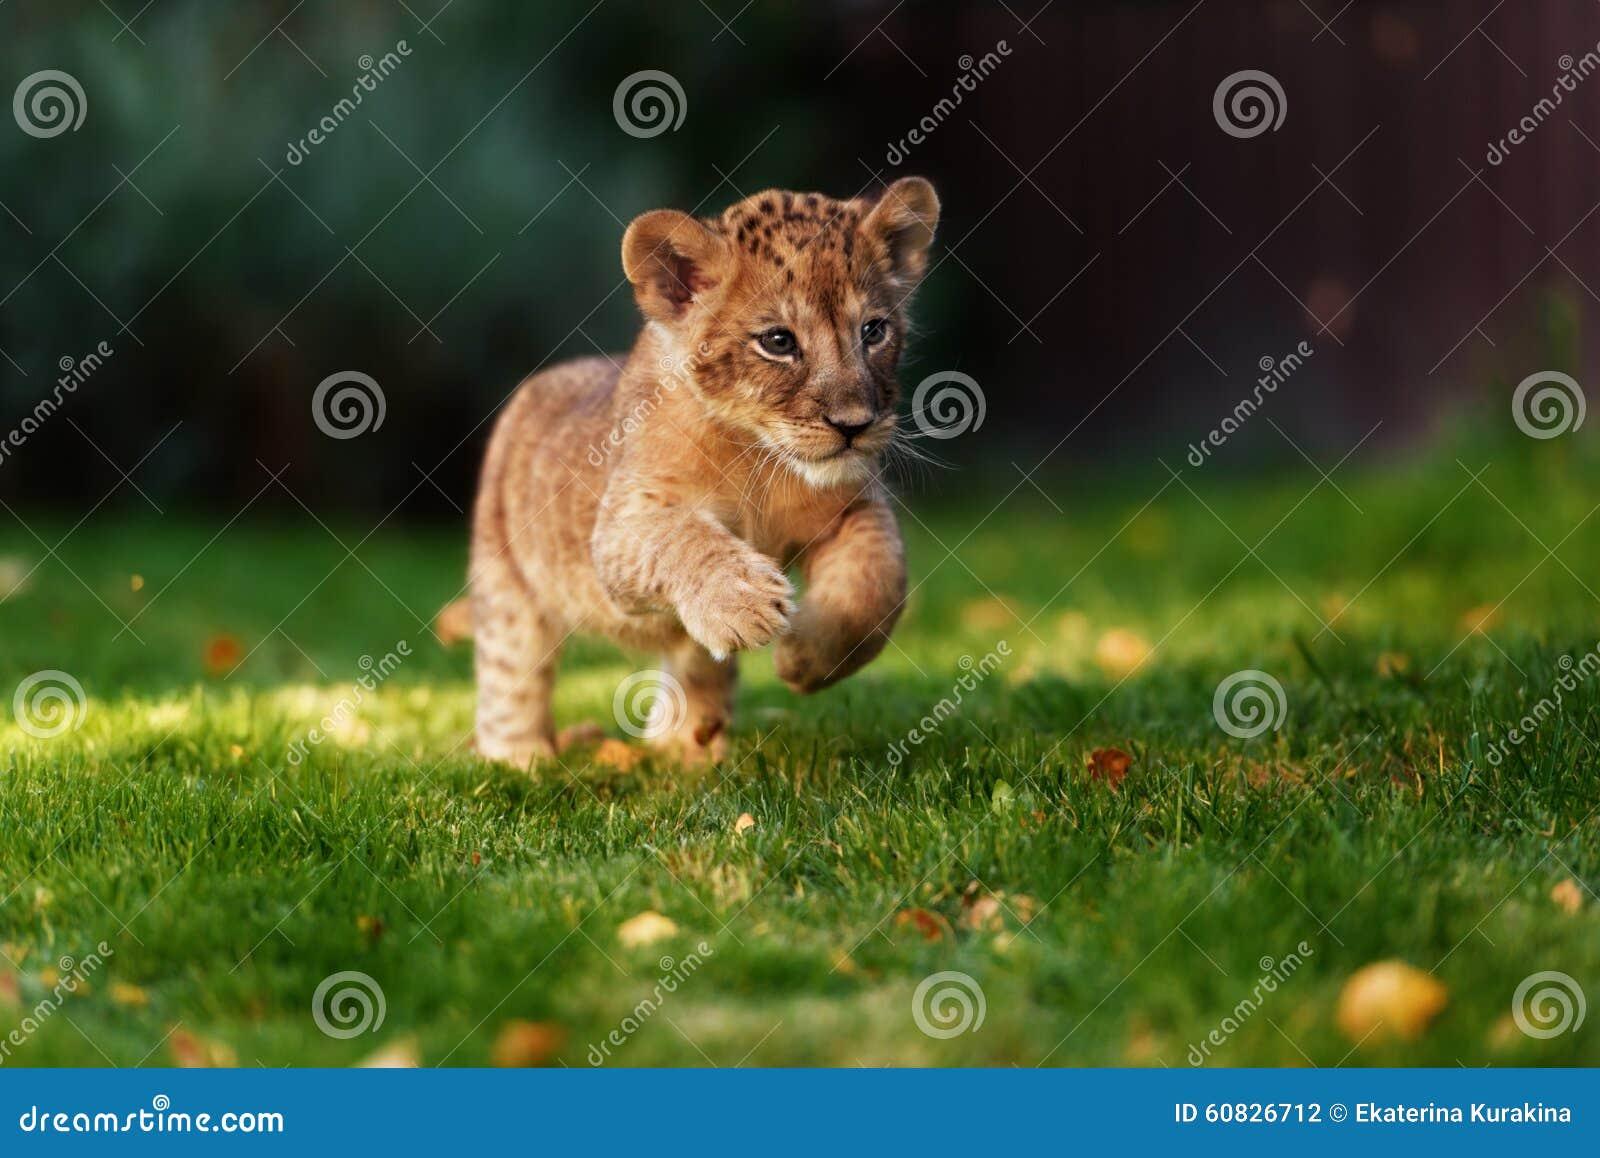 Cachorro de león joven en el salvaje